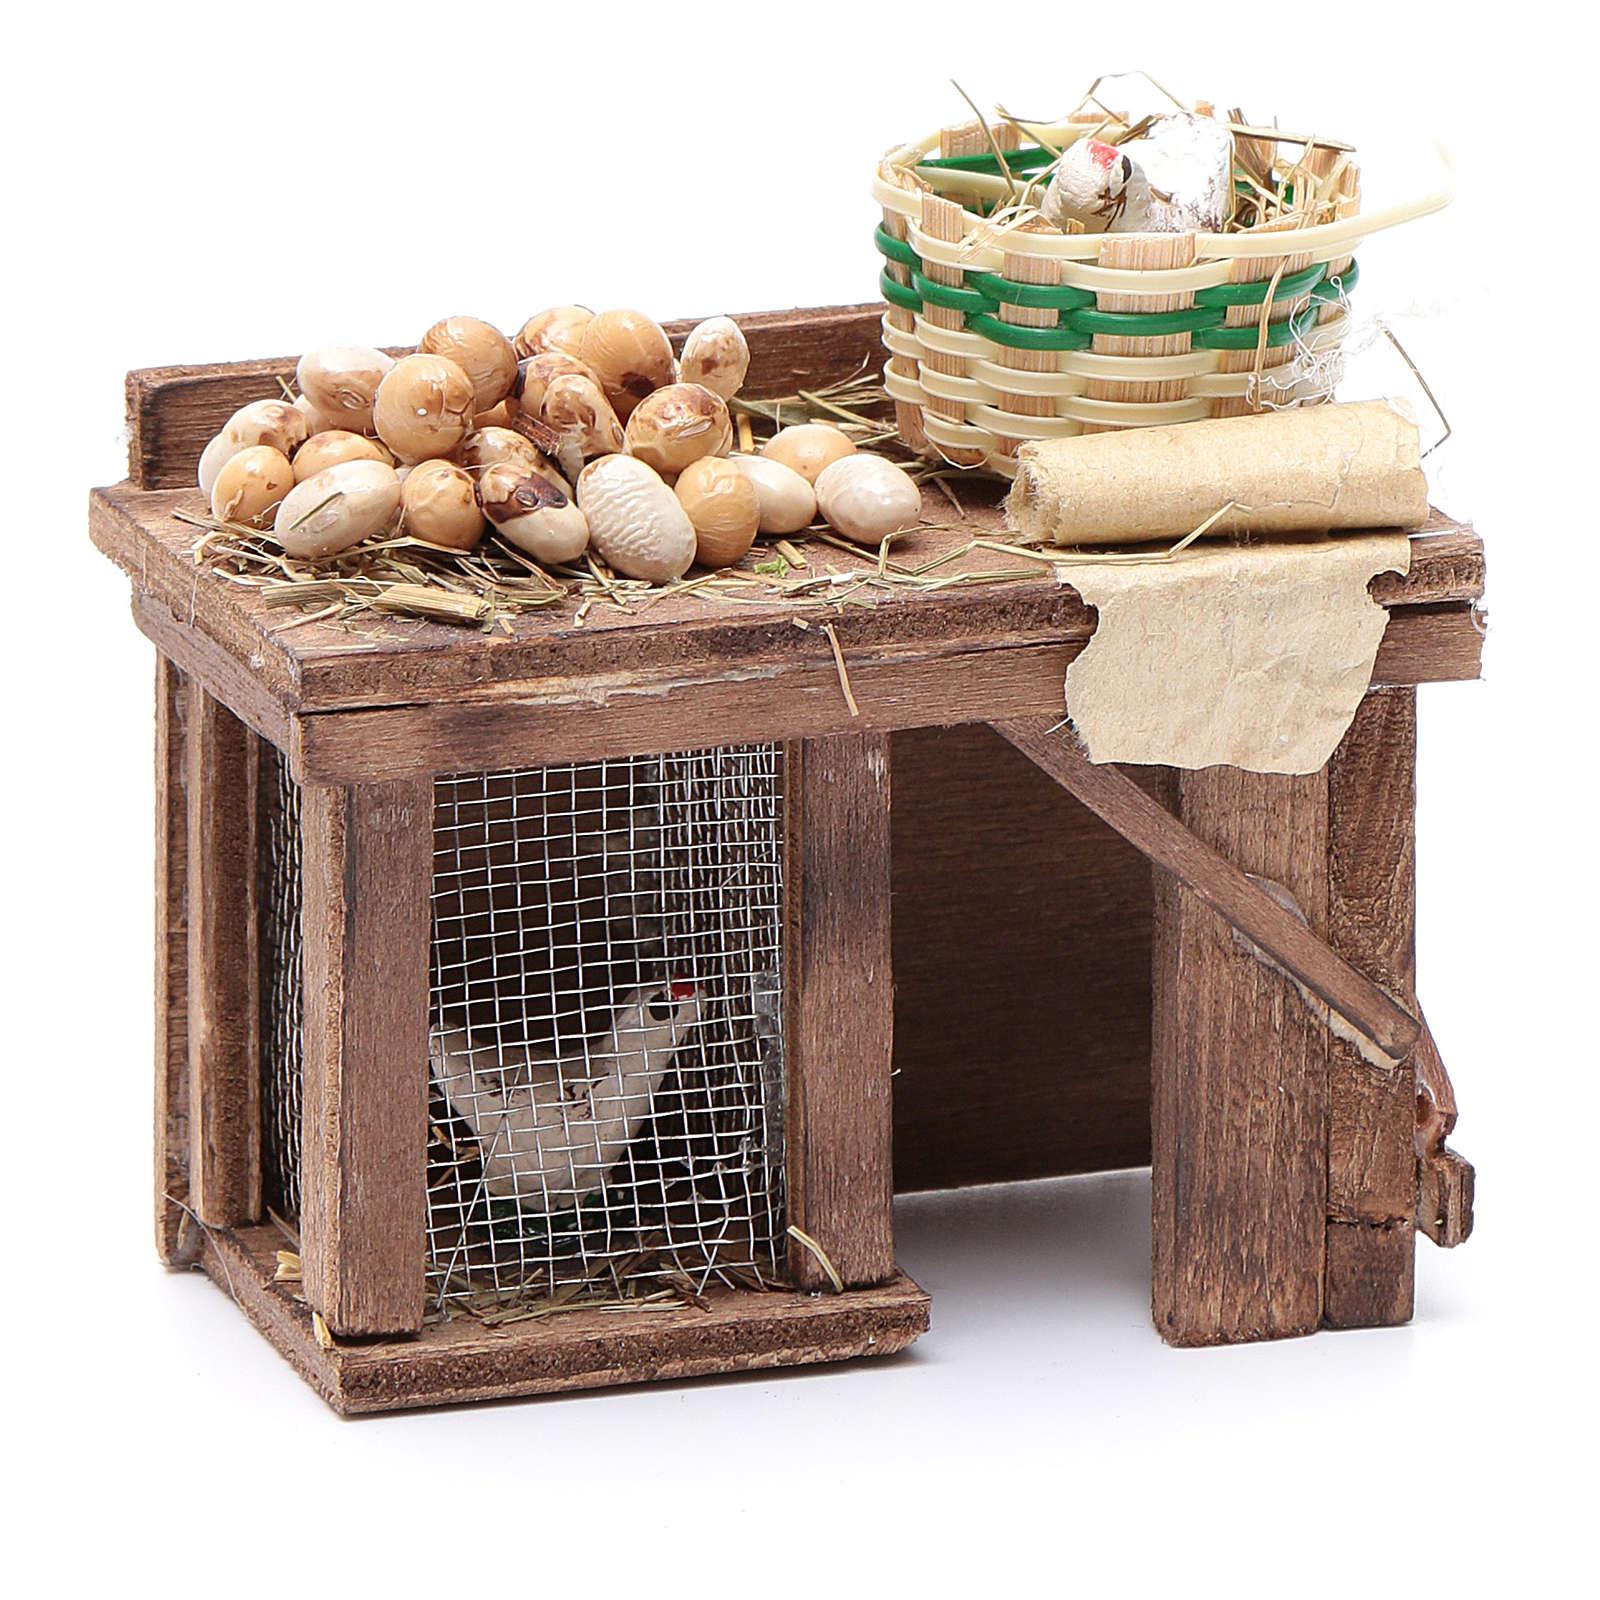 Tavolo con gabbia gallina uova 9x8x5,5 cm presepe napoletano 4